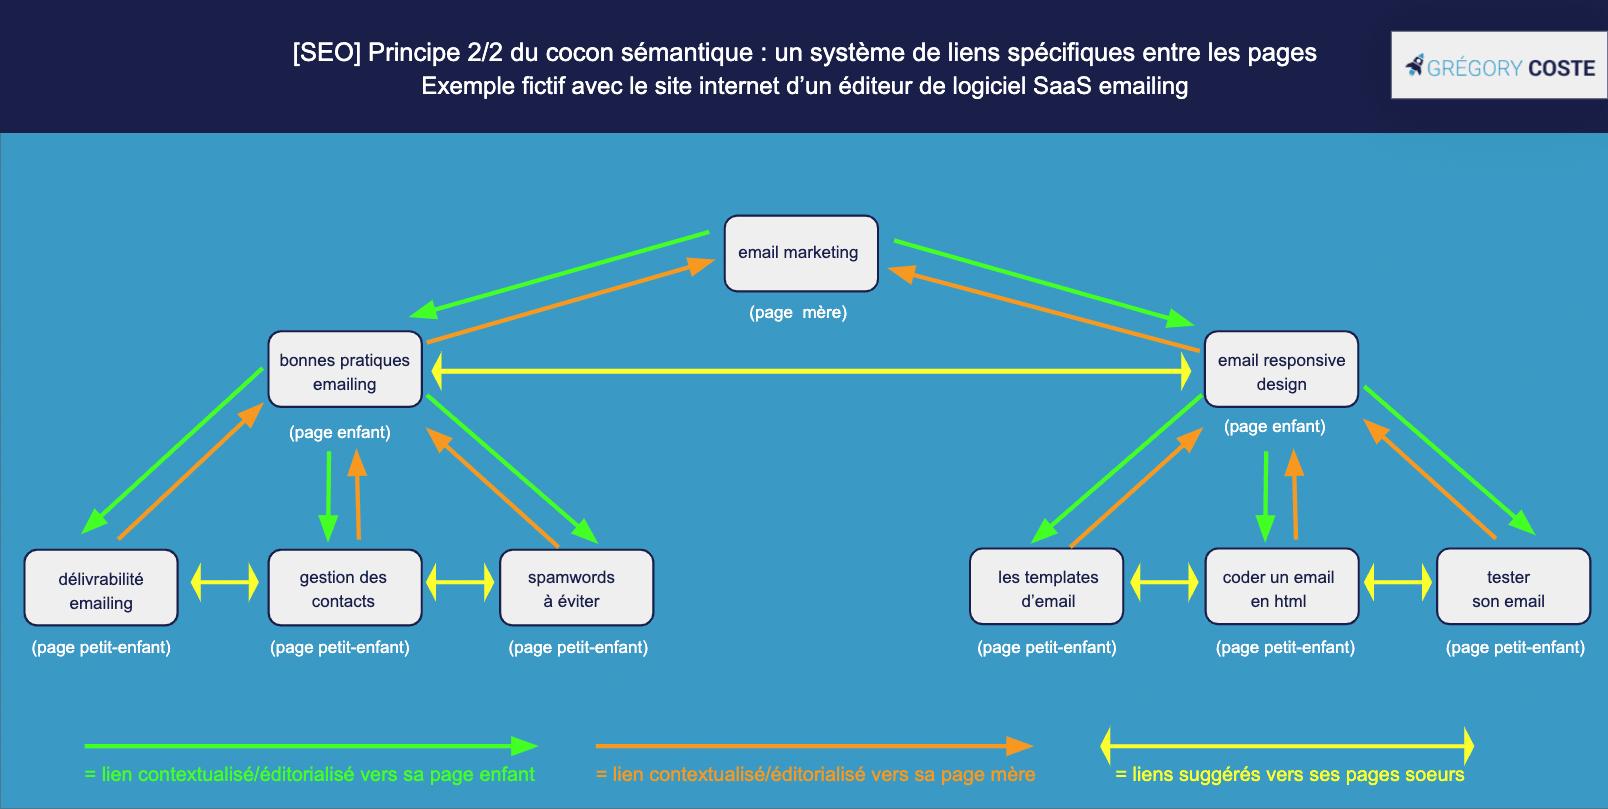 Les règles de linking du cocon sémantique pour son site internet SaaS